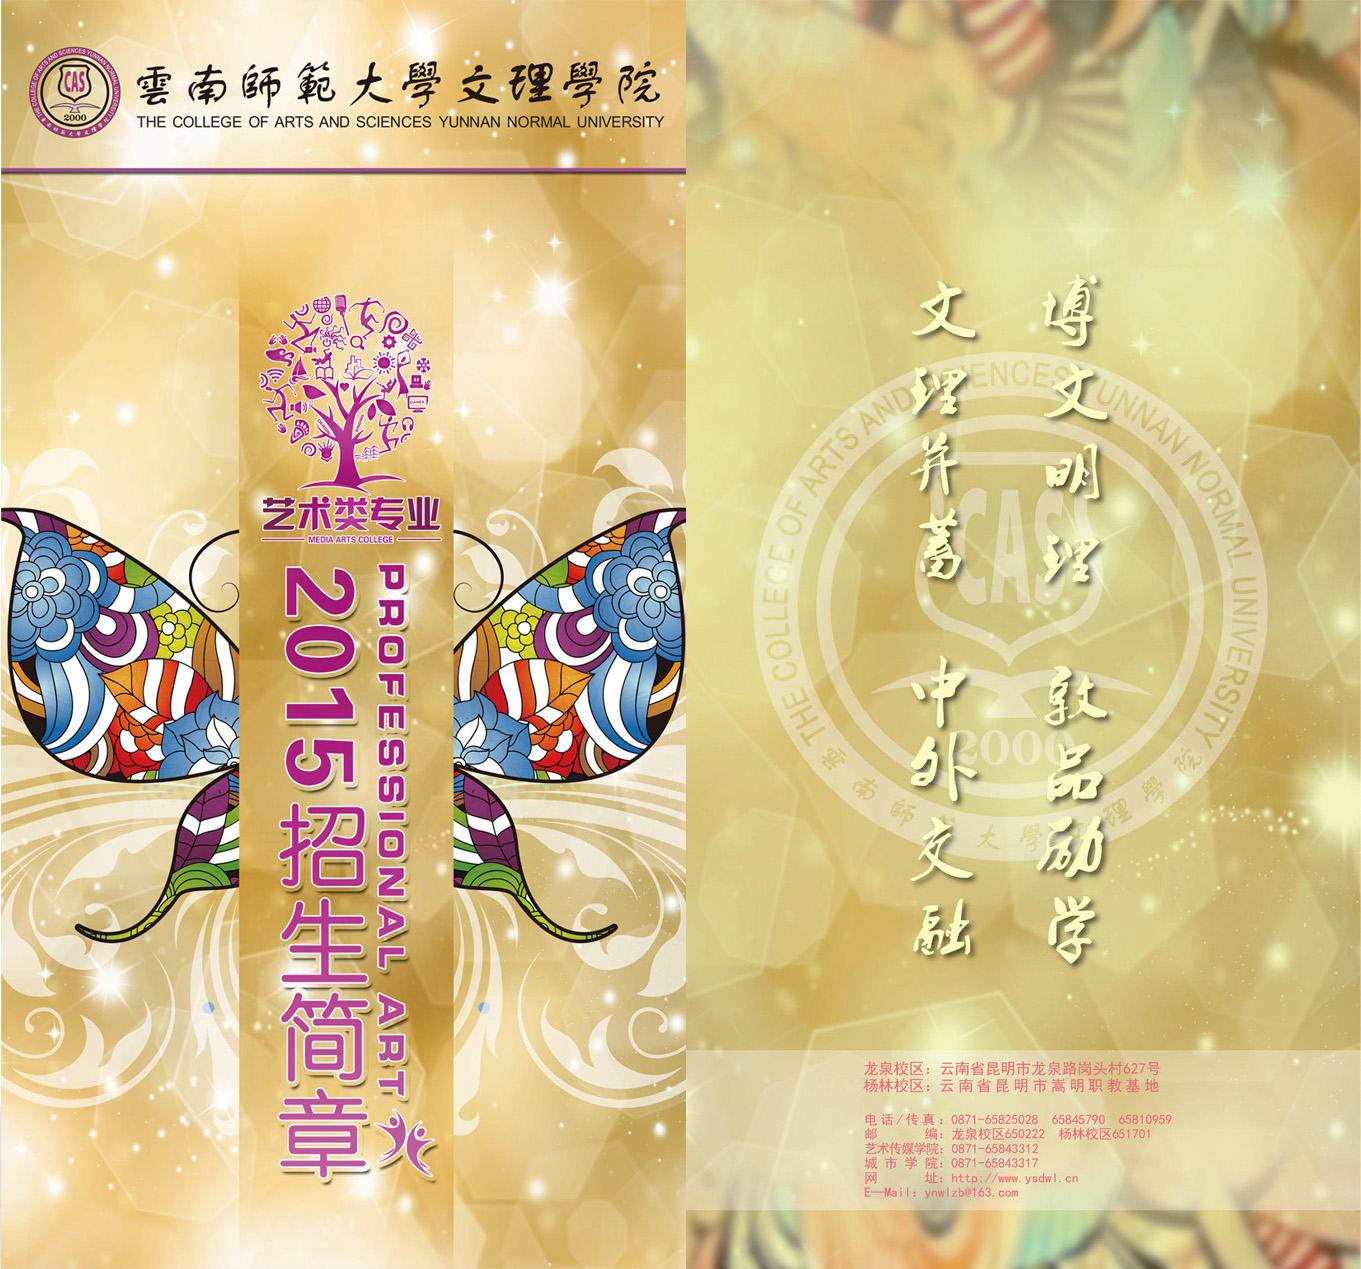 云南师范大学文理学院2015年艺术类招生简章